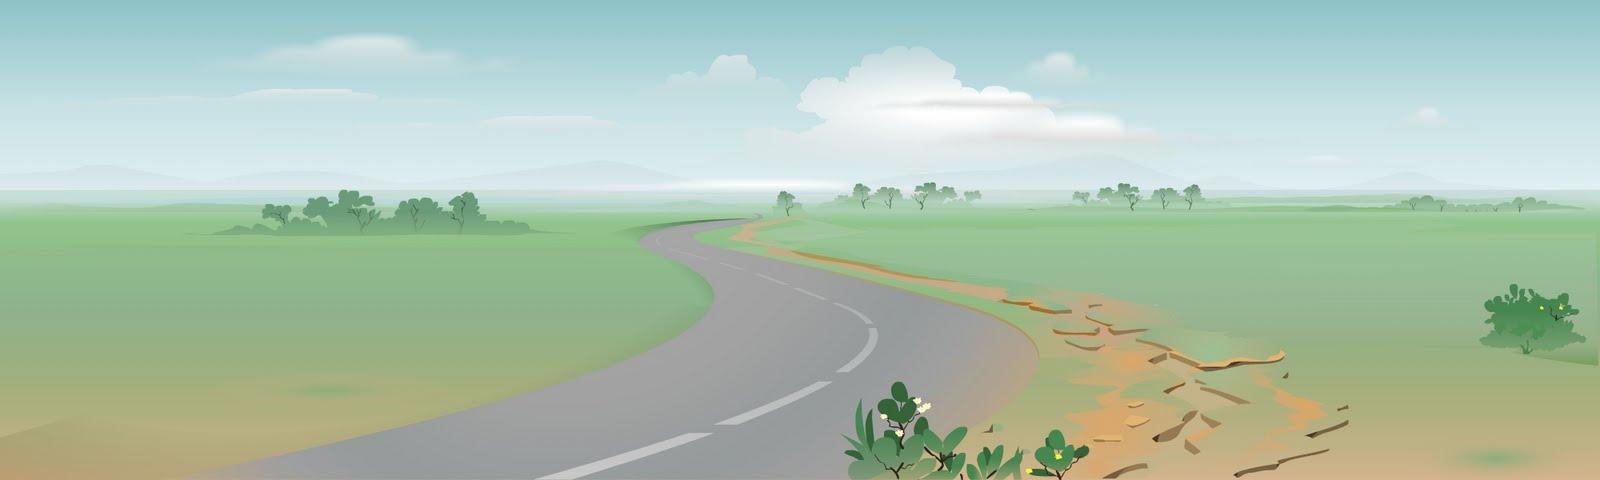 Animation Backgrounds freelance Flash Animation Background 1600x480